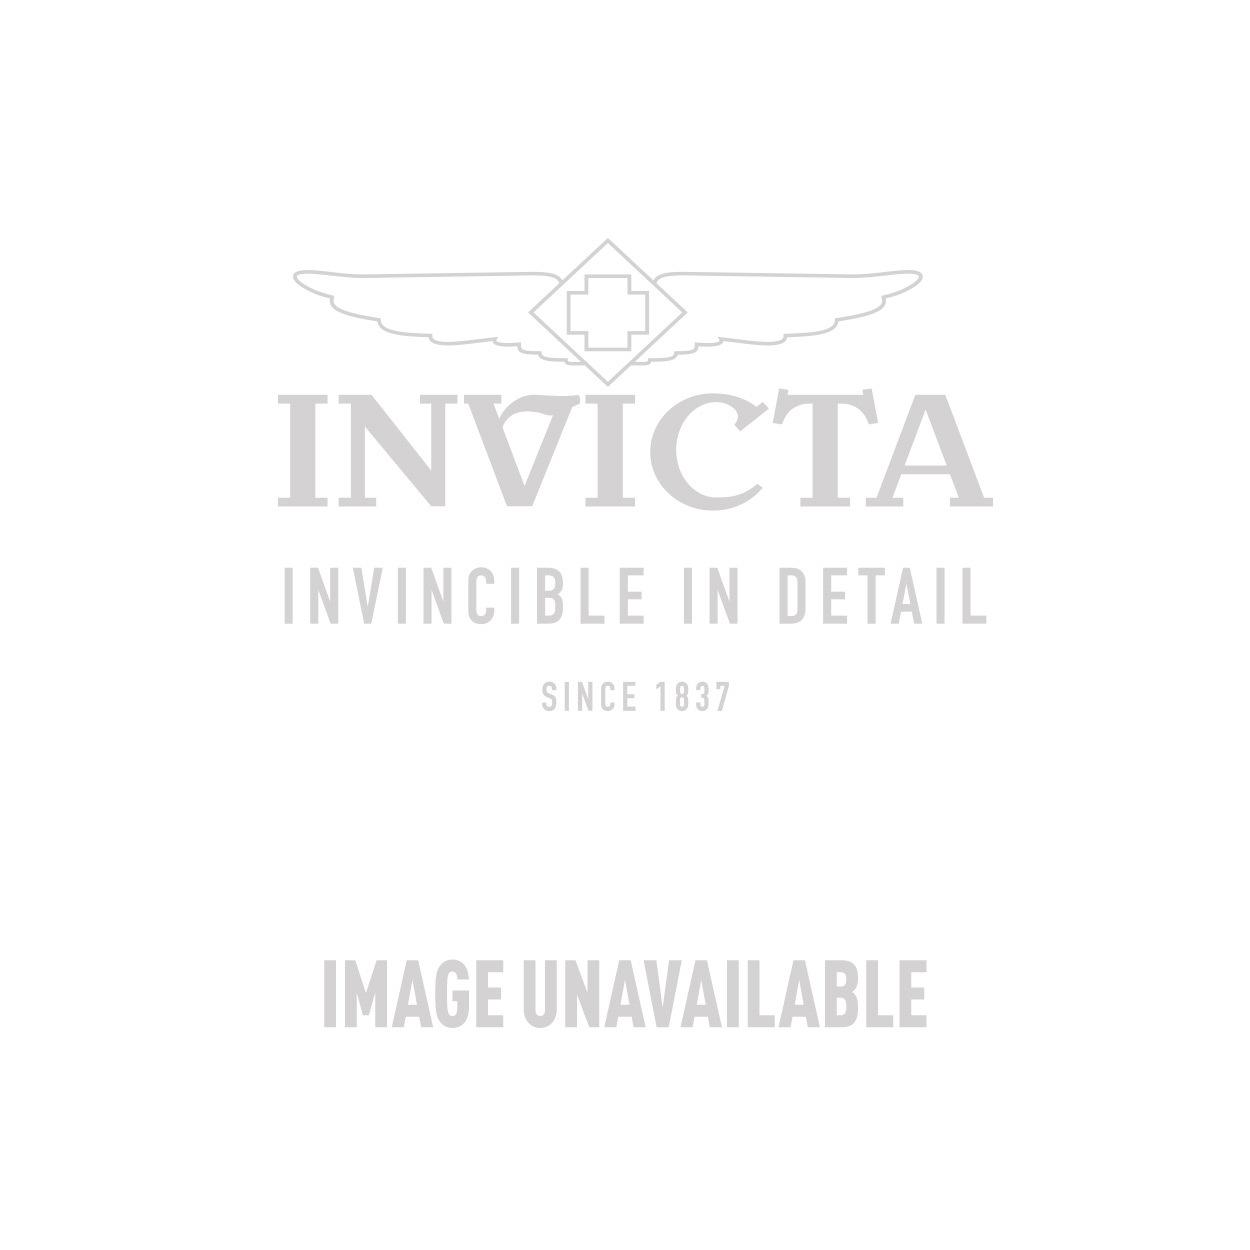 Invicta Model 28494